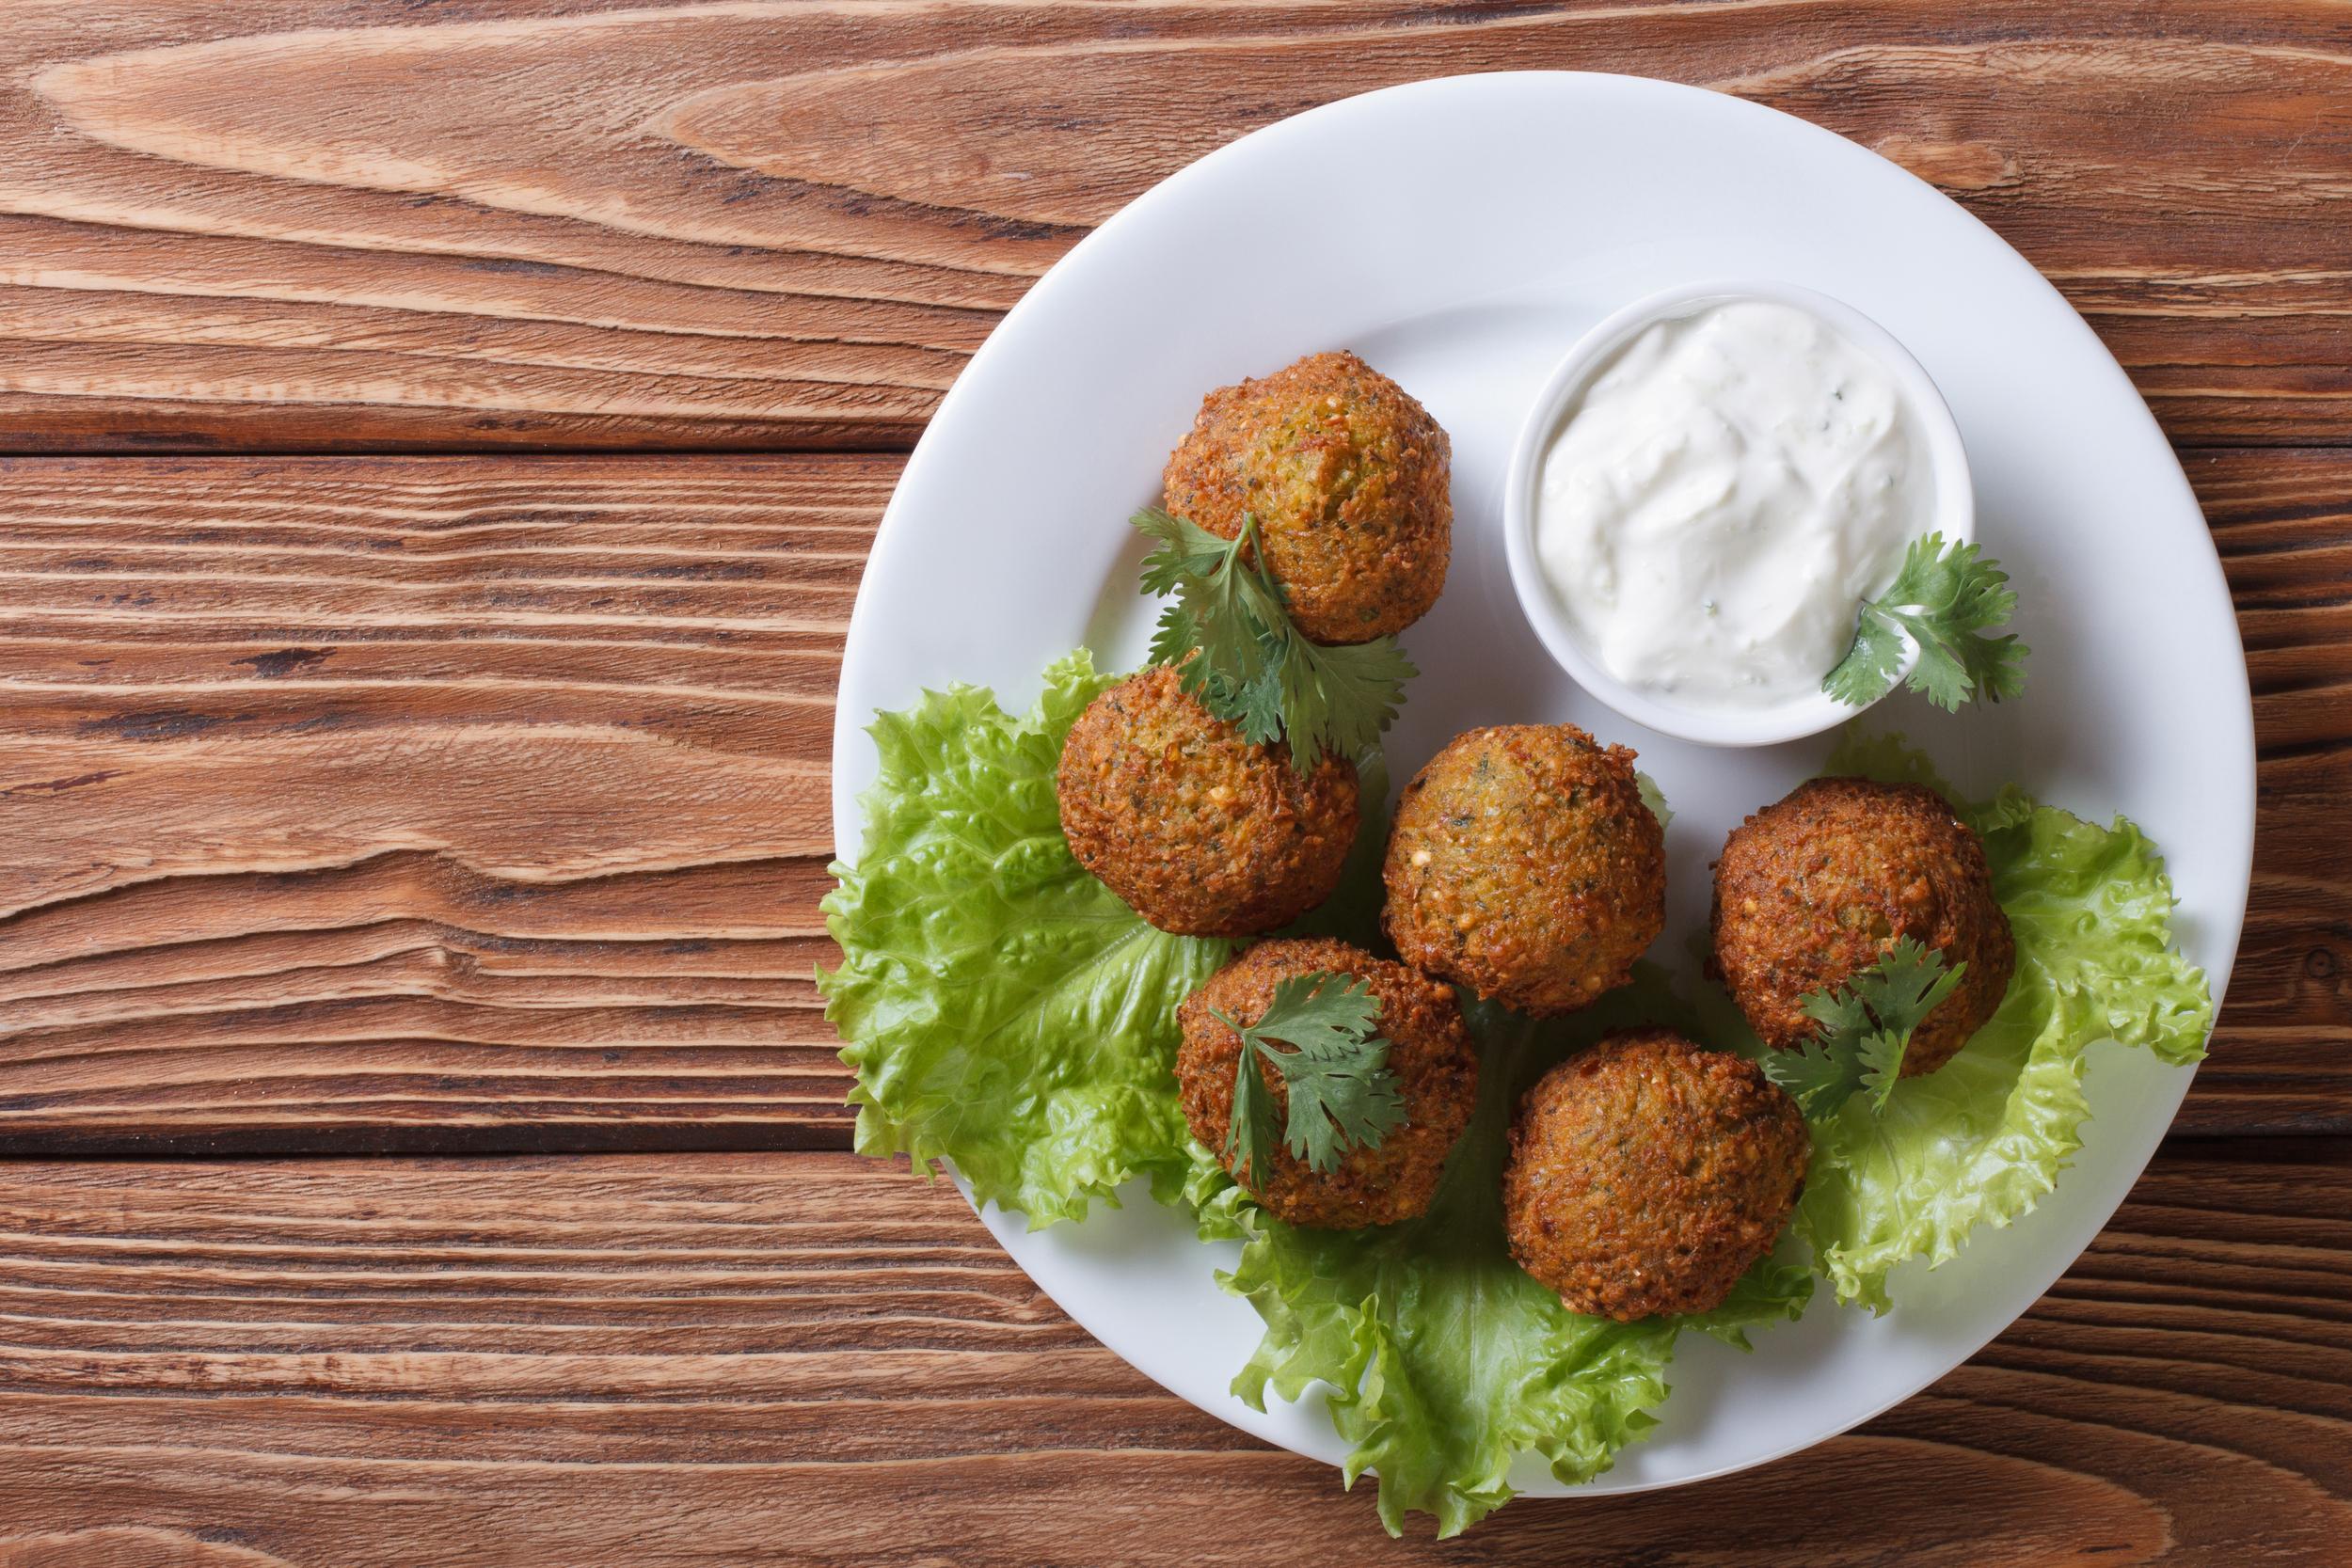 Falafel and Tzatziki Sauce